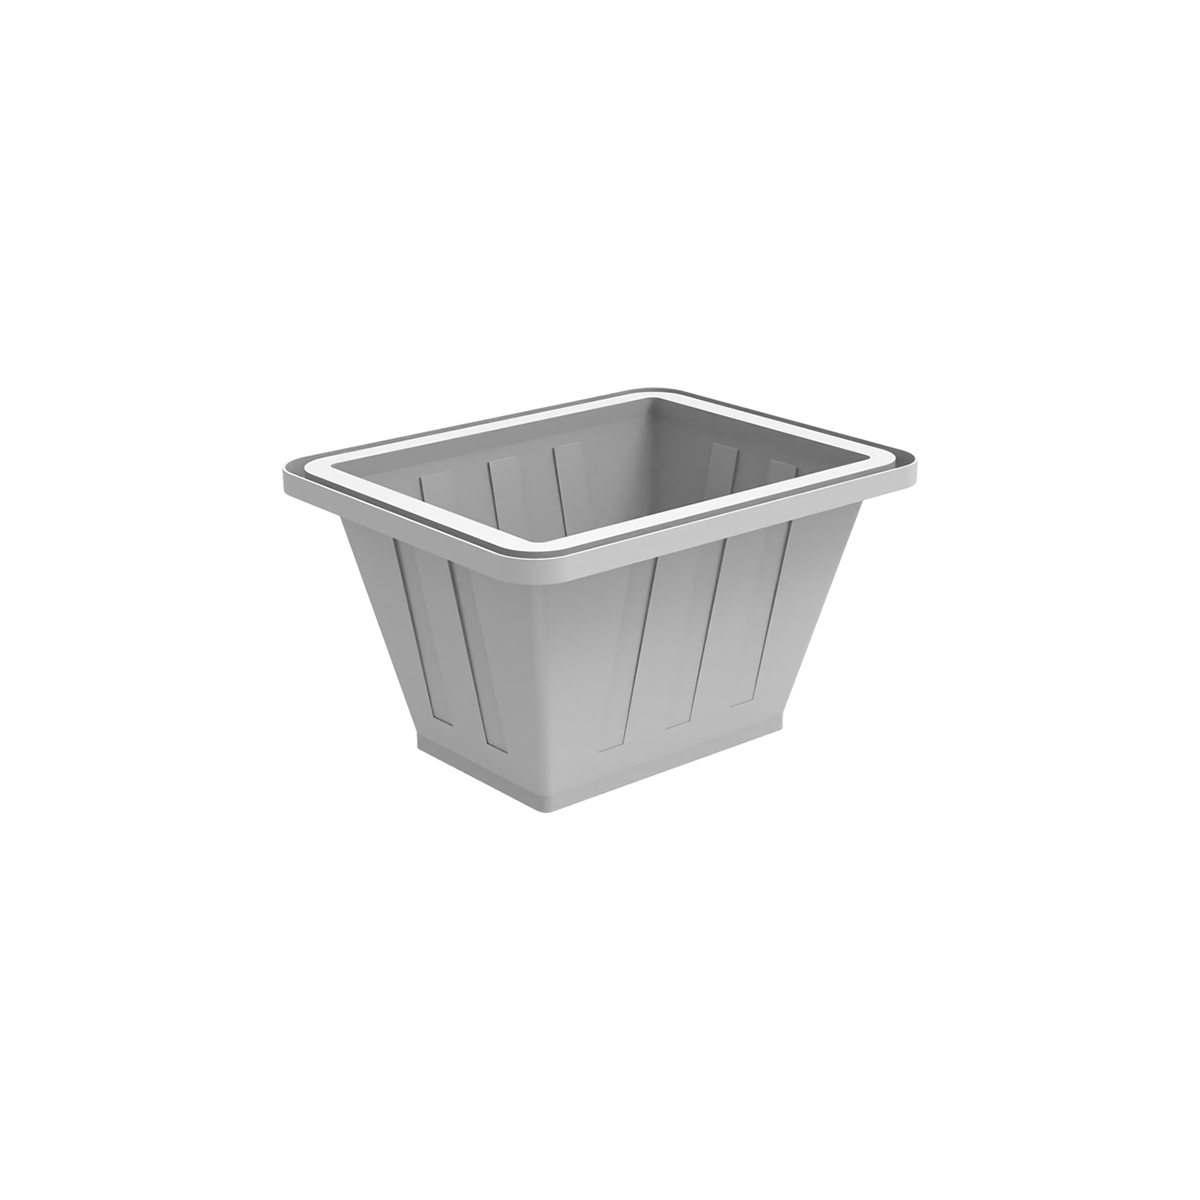 Пластиковая ванна К 200 литров белая